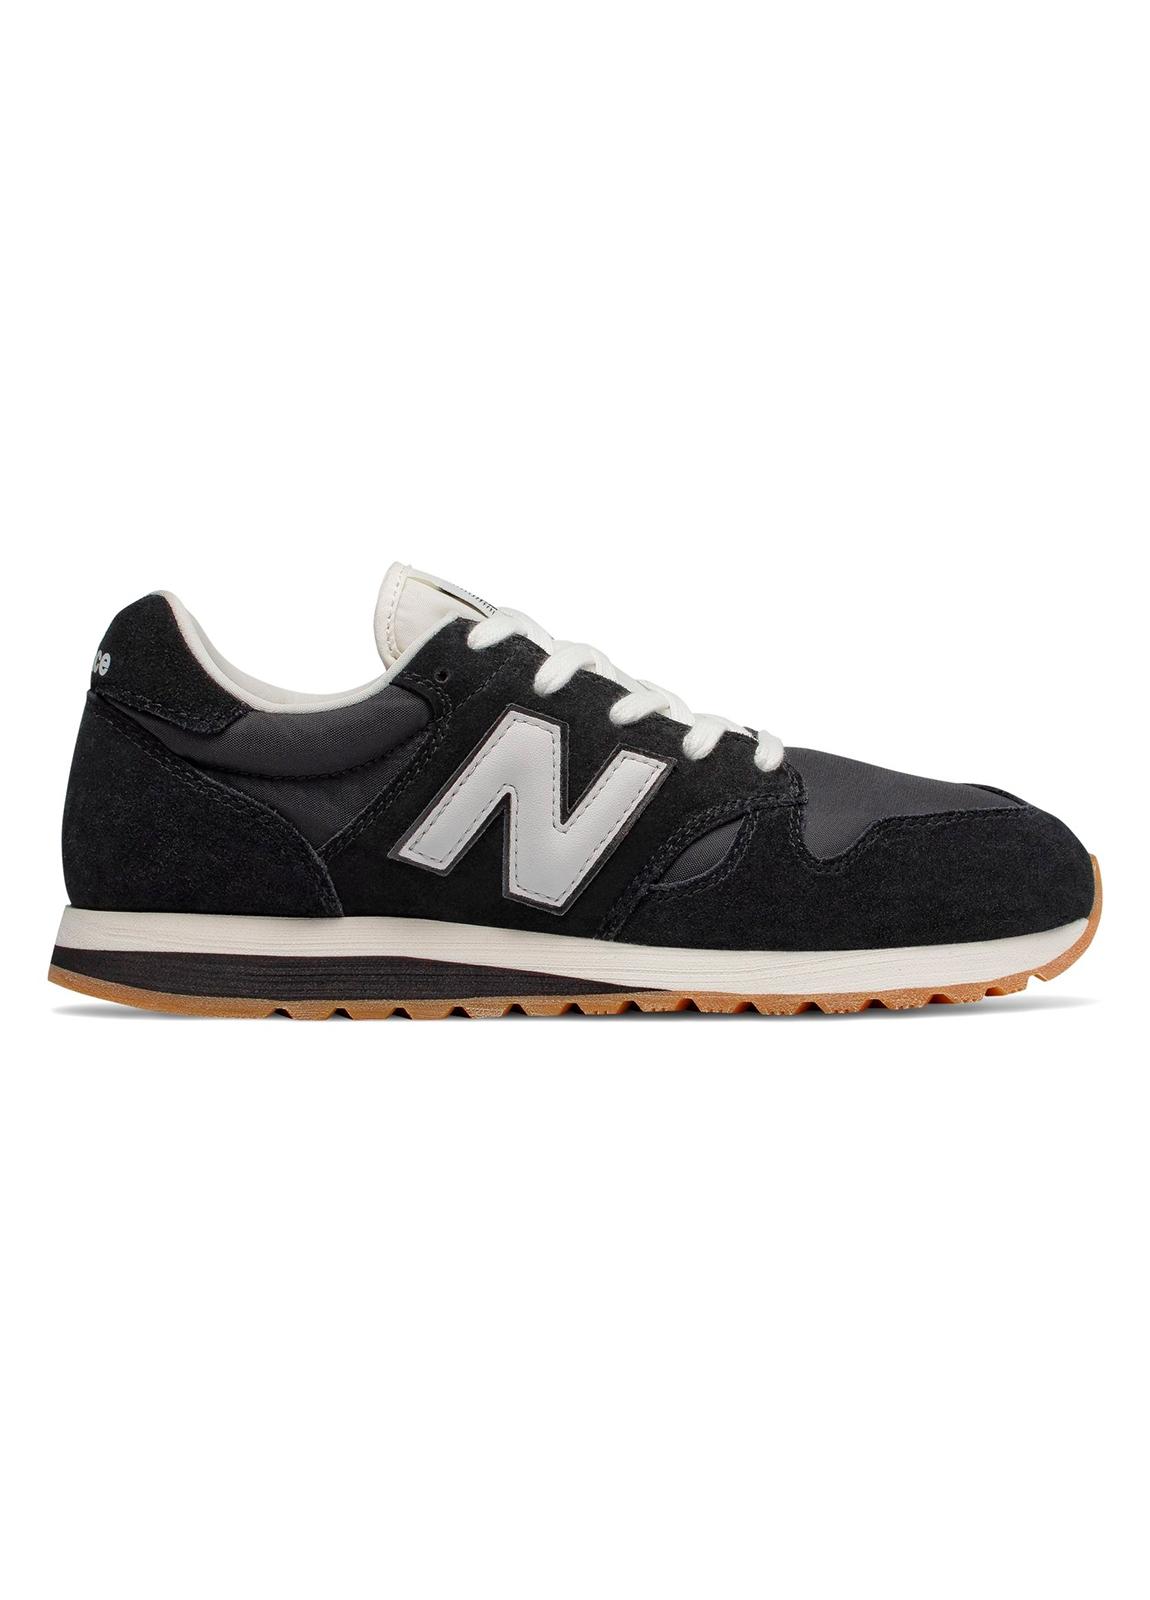 Sneaker hombre U520 color negro con detalles en blanco serraje, piel y malla.